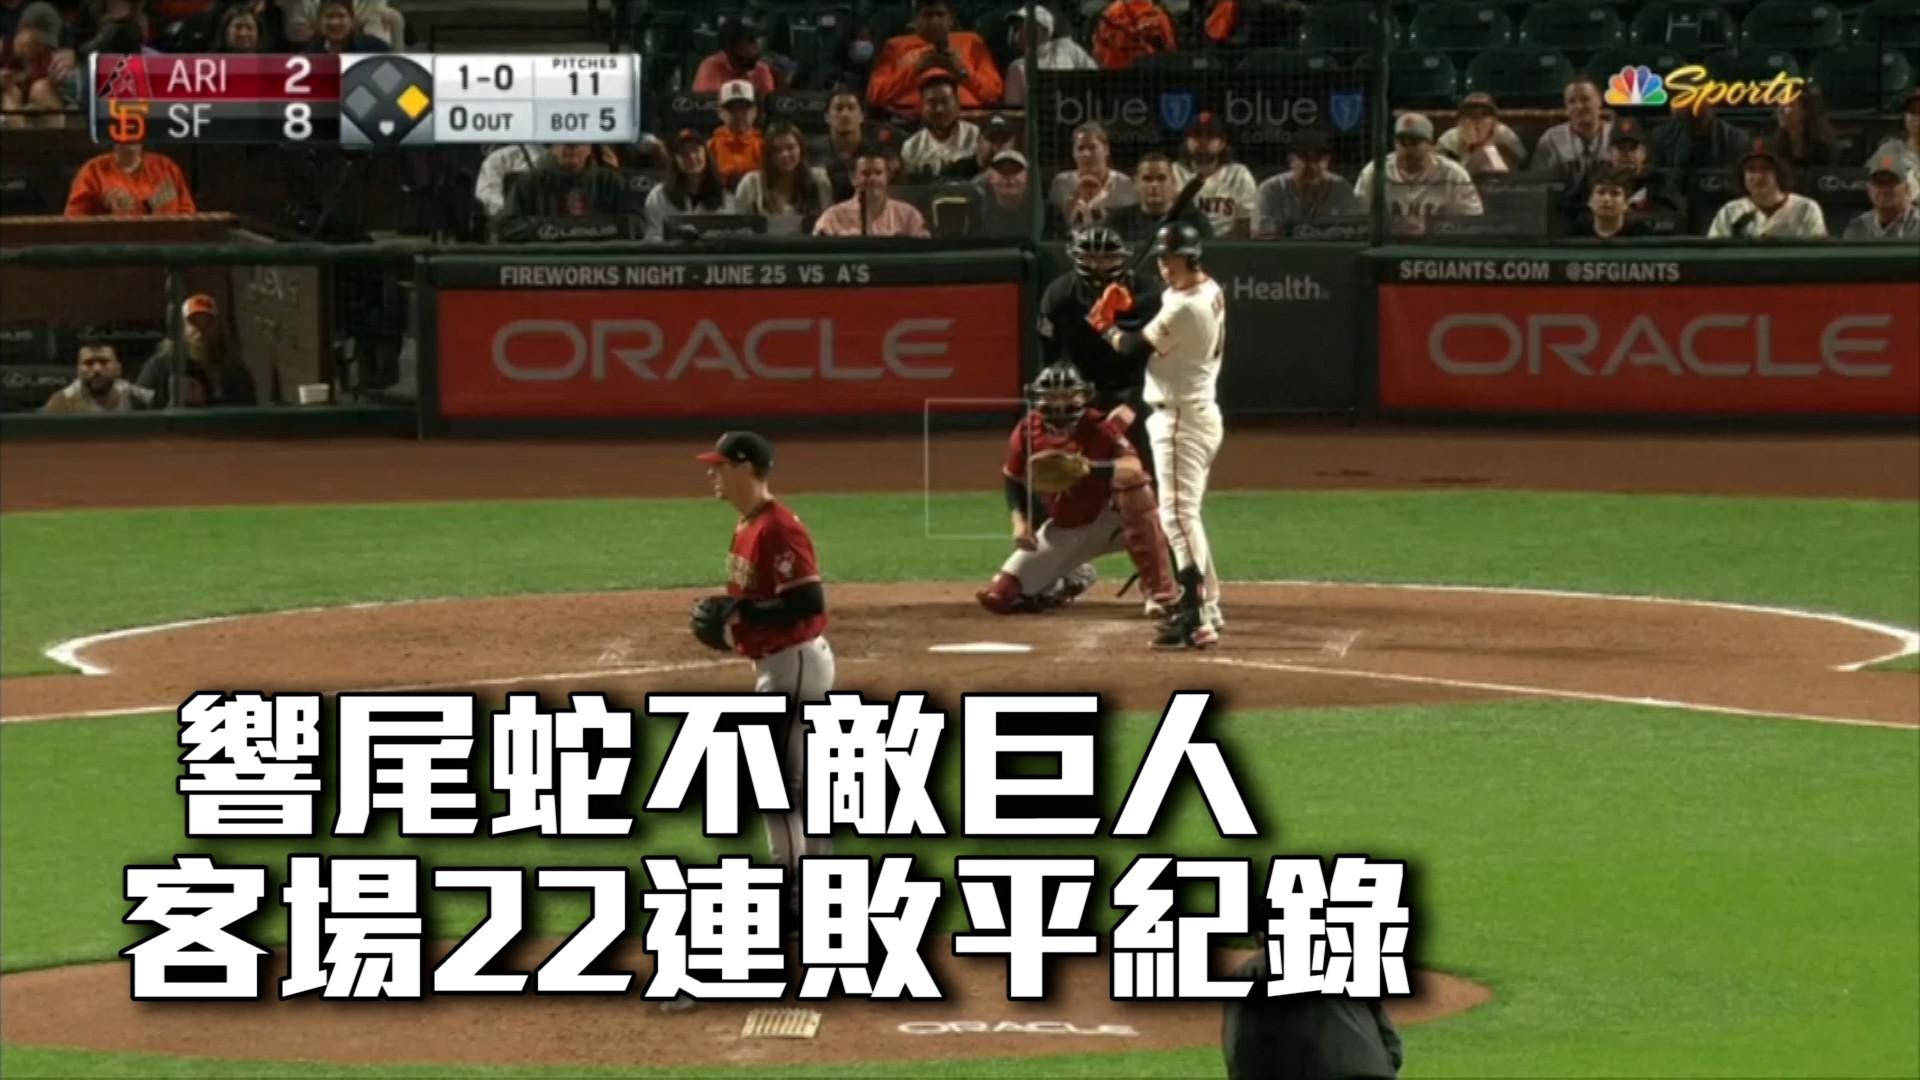 【MLB看愛爾達】響尾蛇不敵巨人 客場22連敗平紀錄 06/17